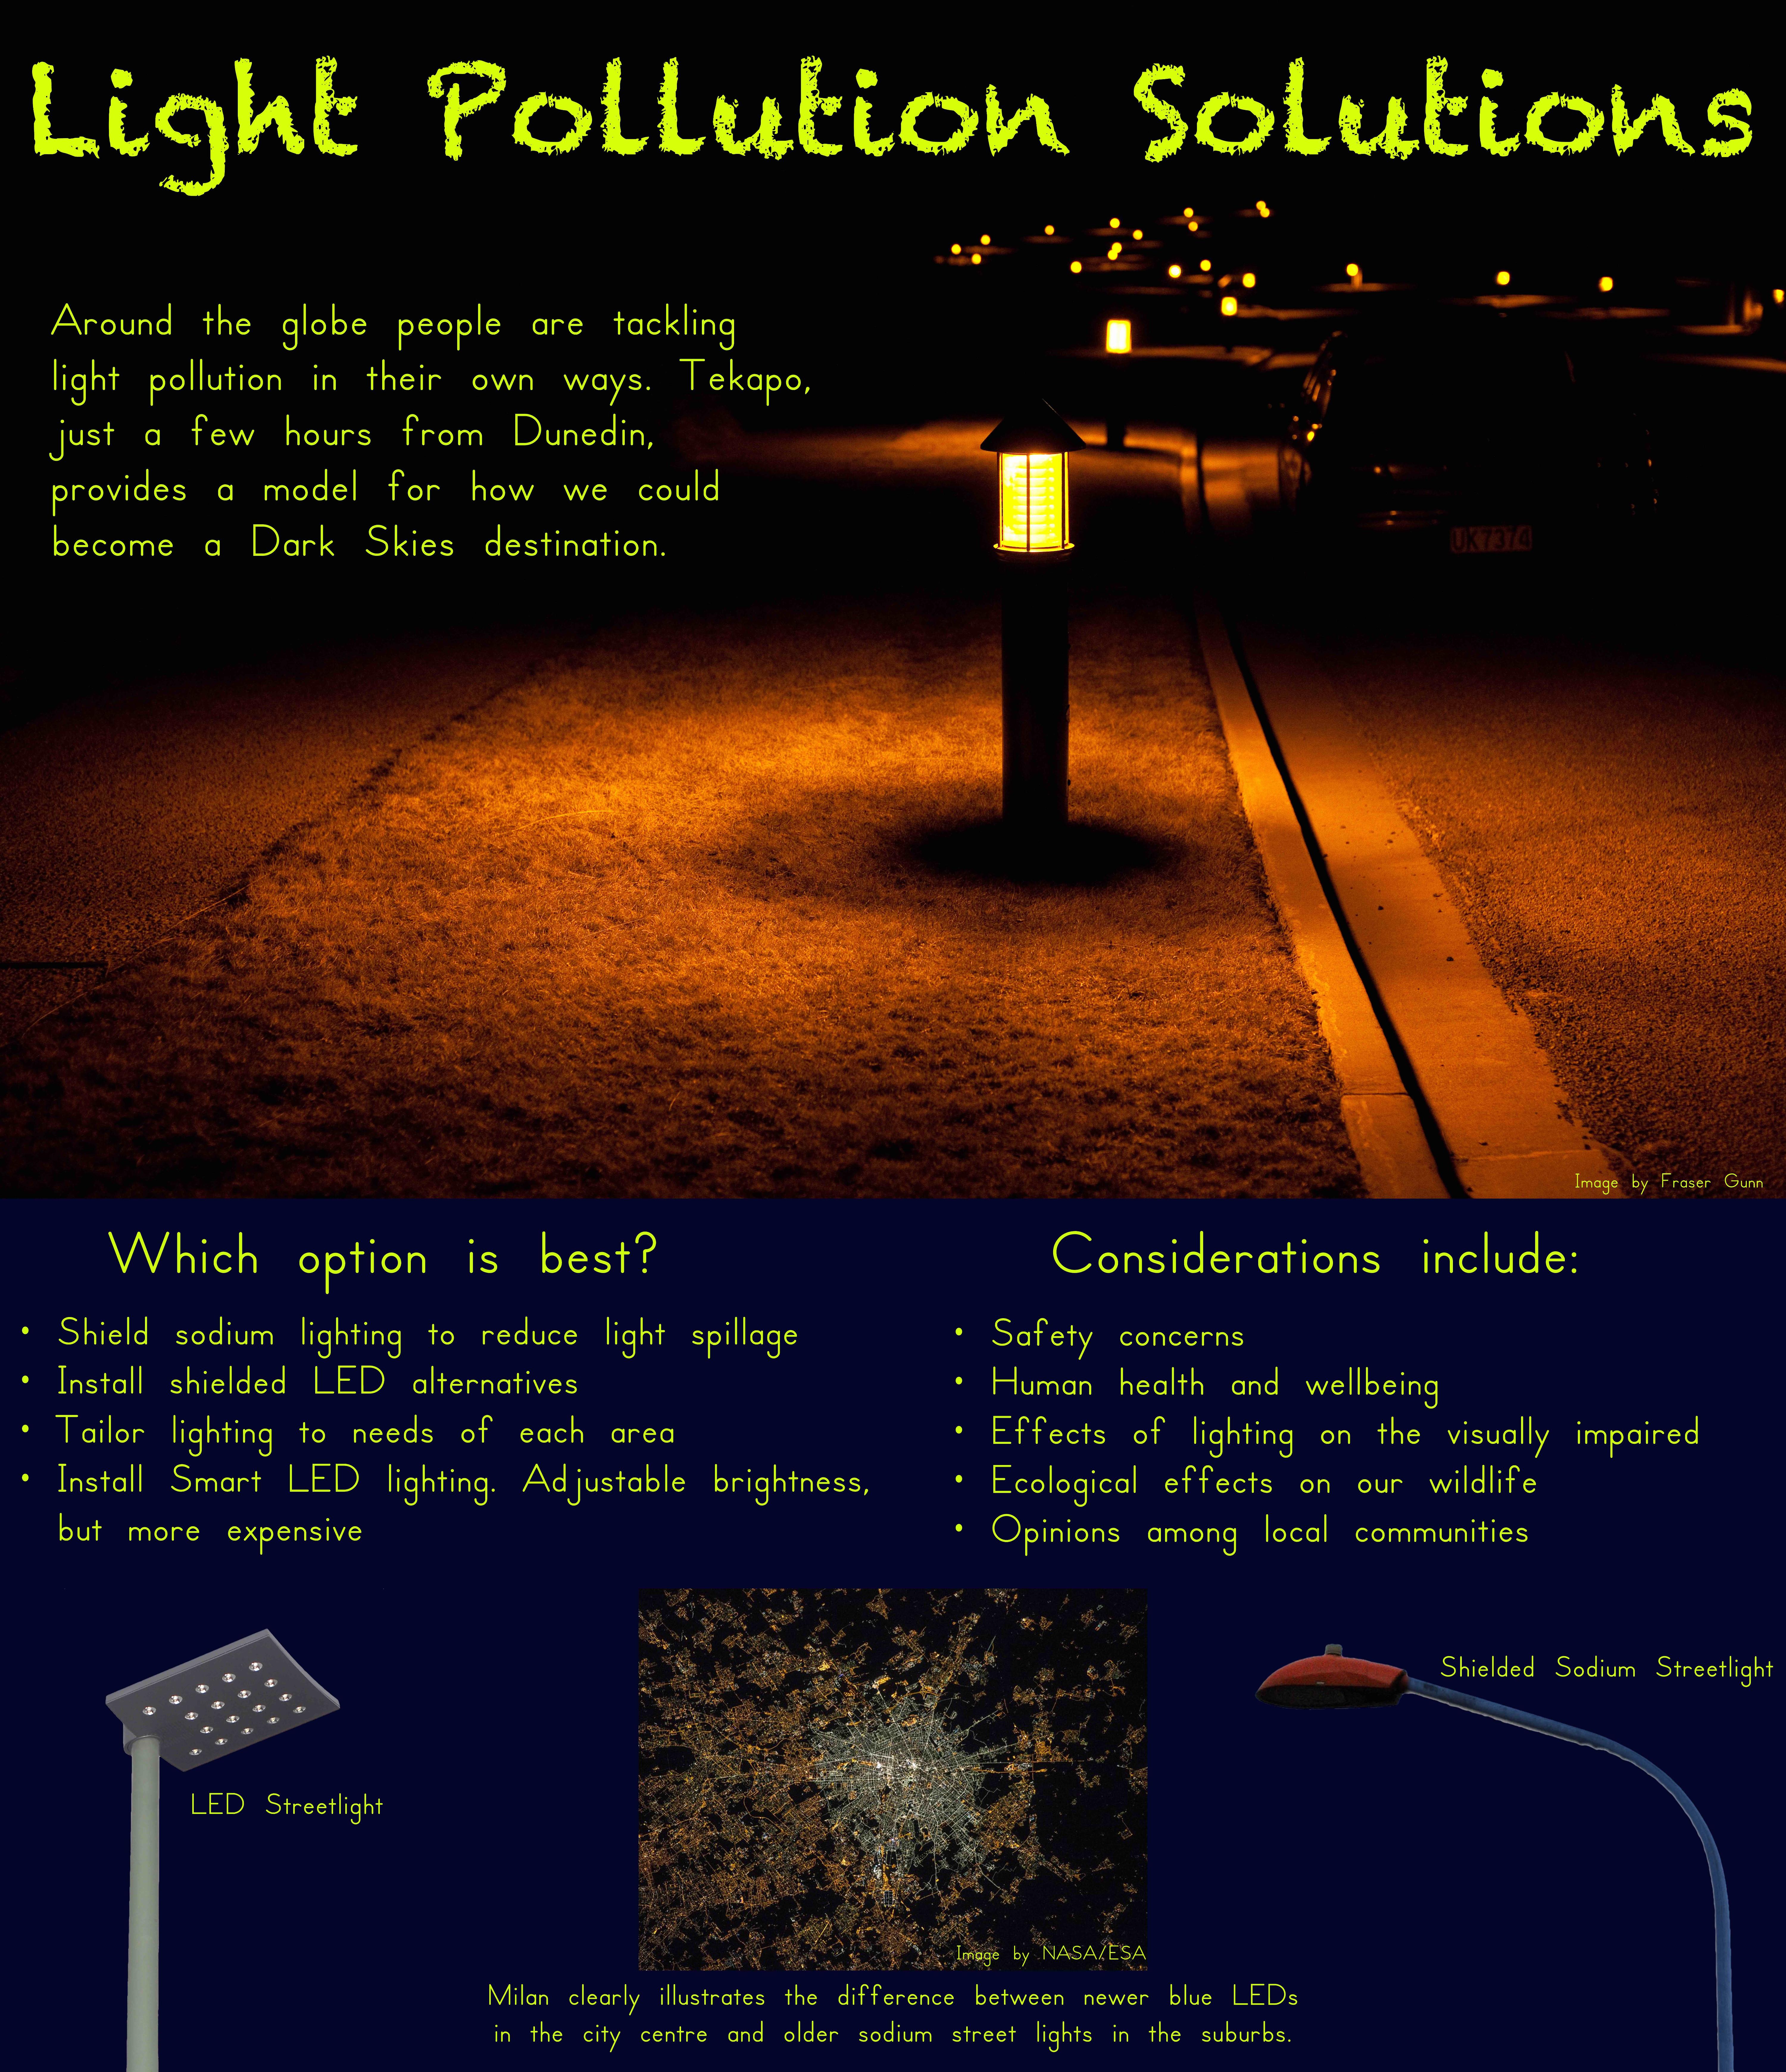 Light pollution solutions